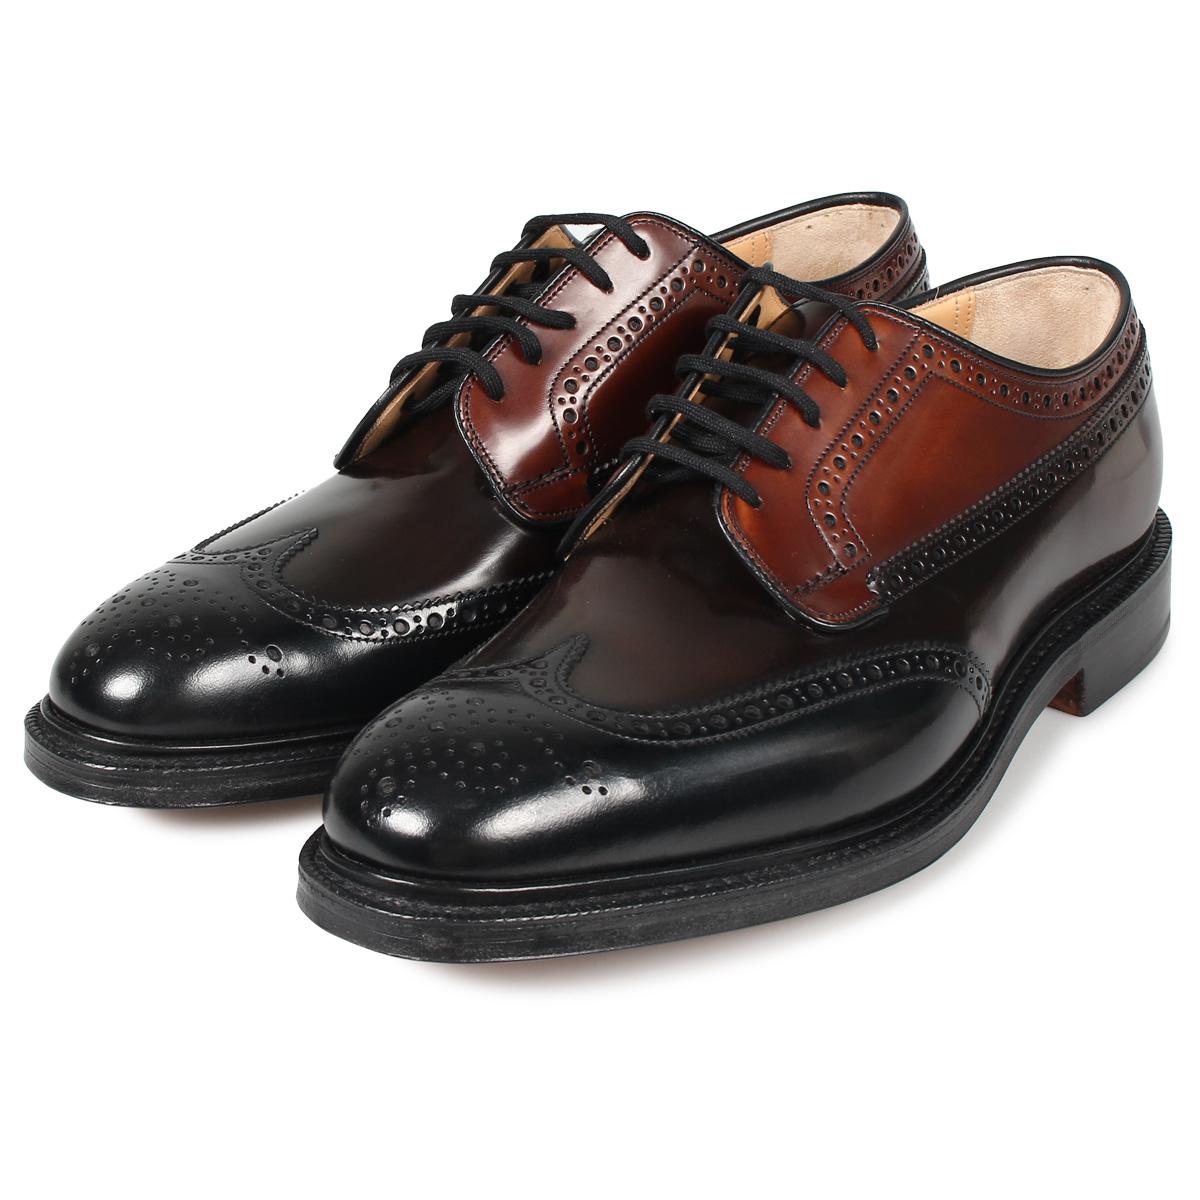 Churchs GRAFTON チャーチ グラフトン ウイングチップ 靴 シューズ メンズ ブラック 黒 EEB009